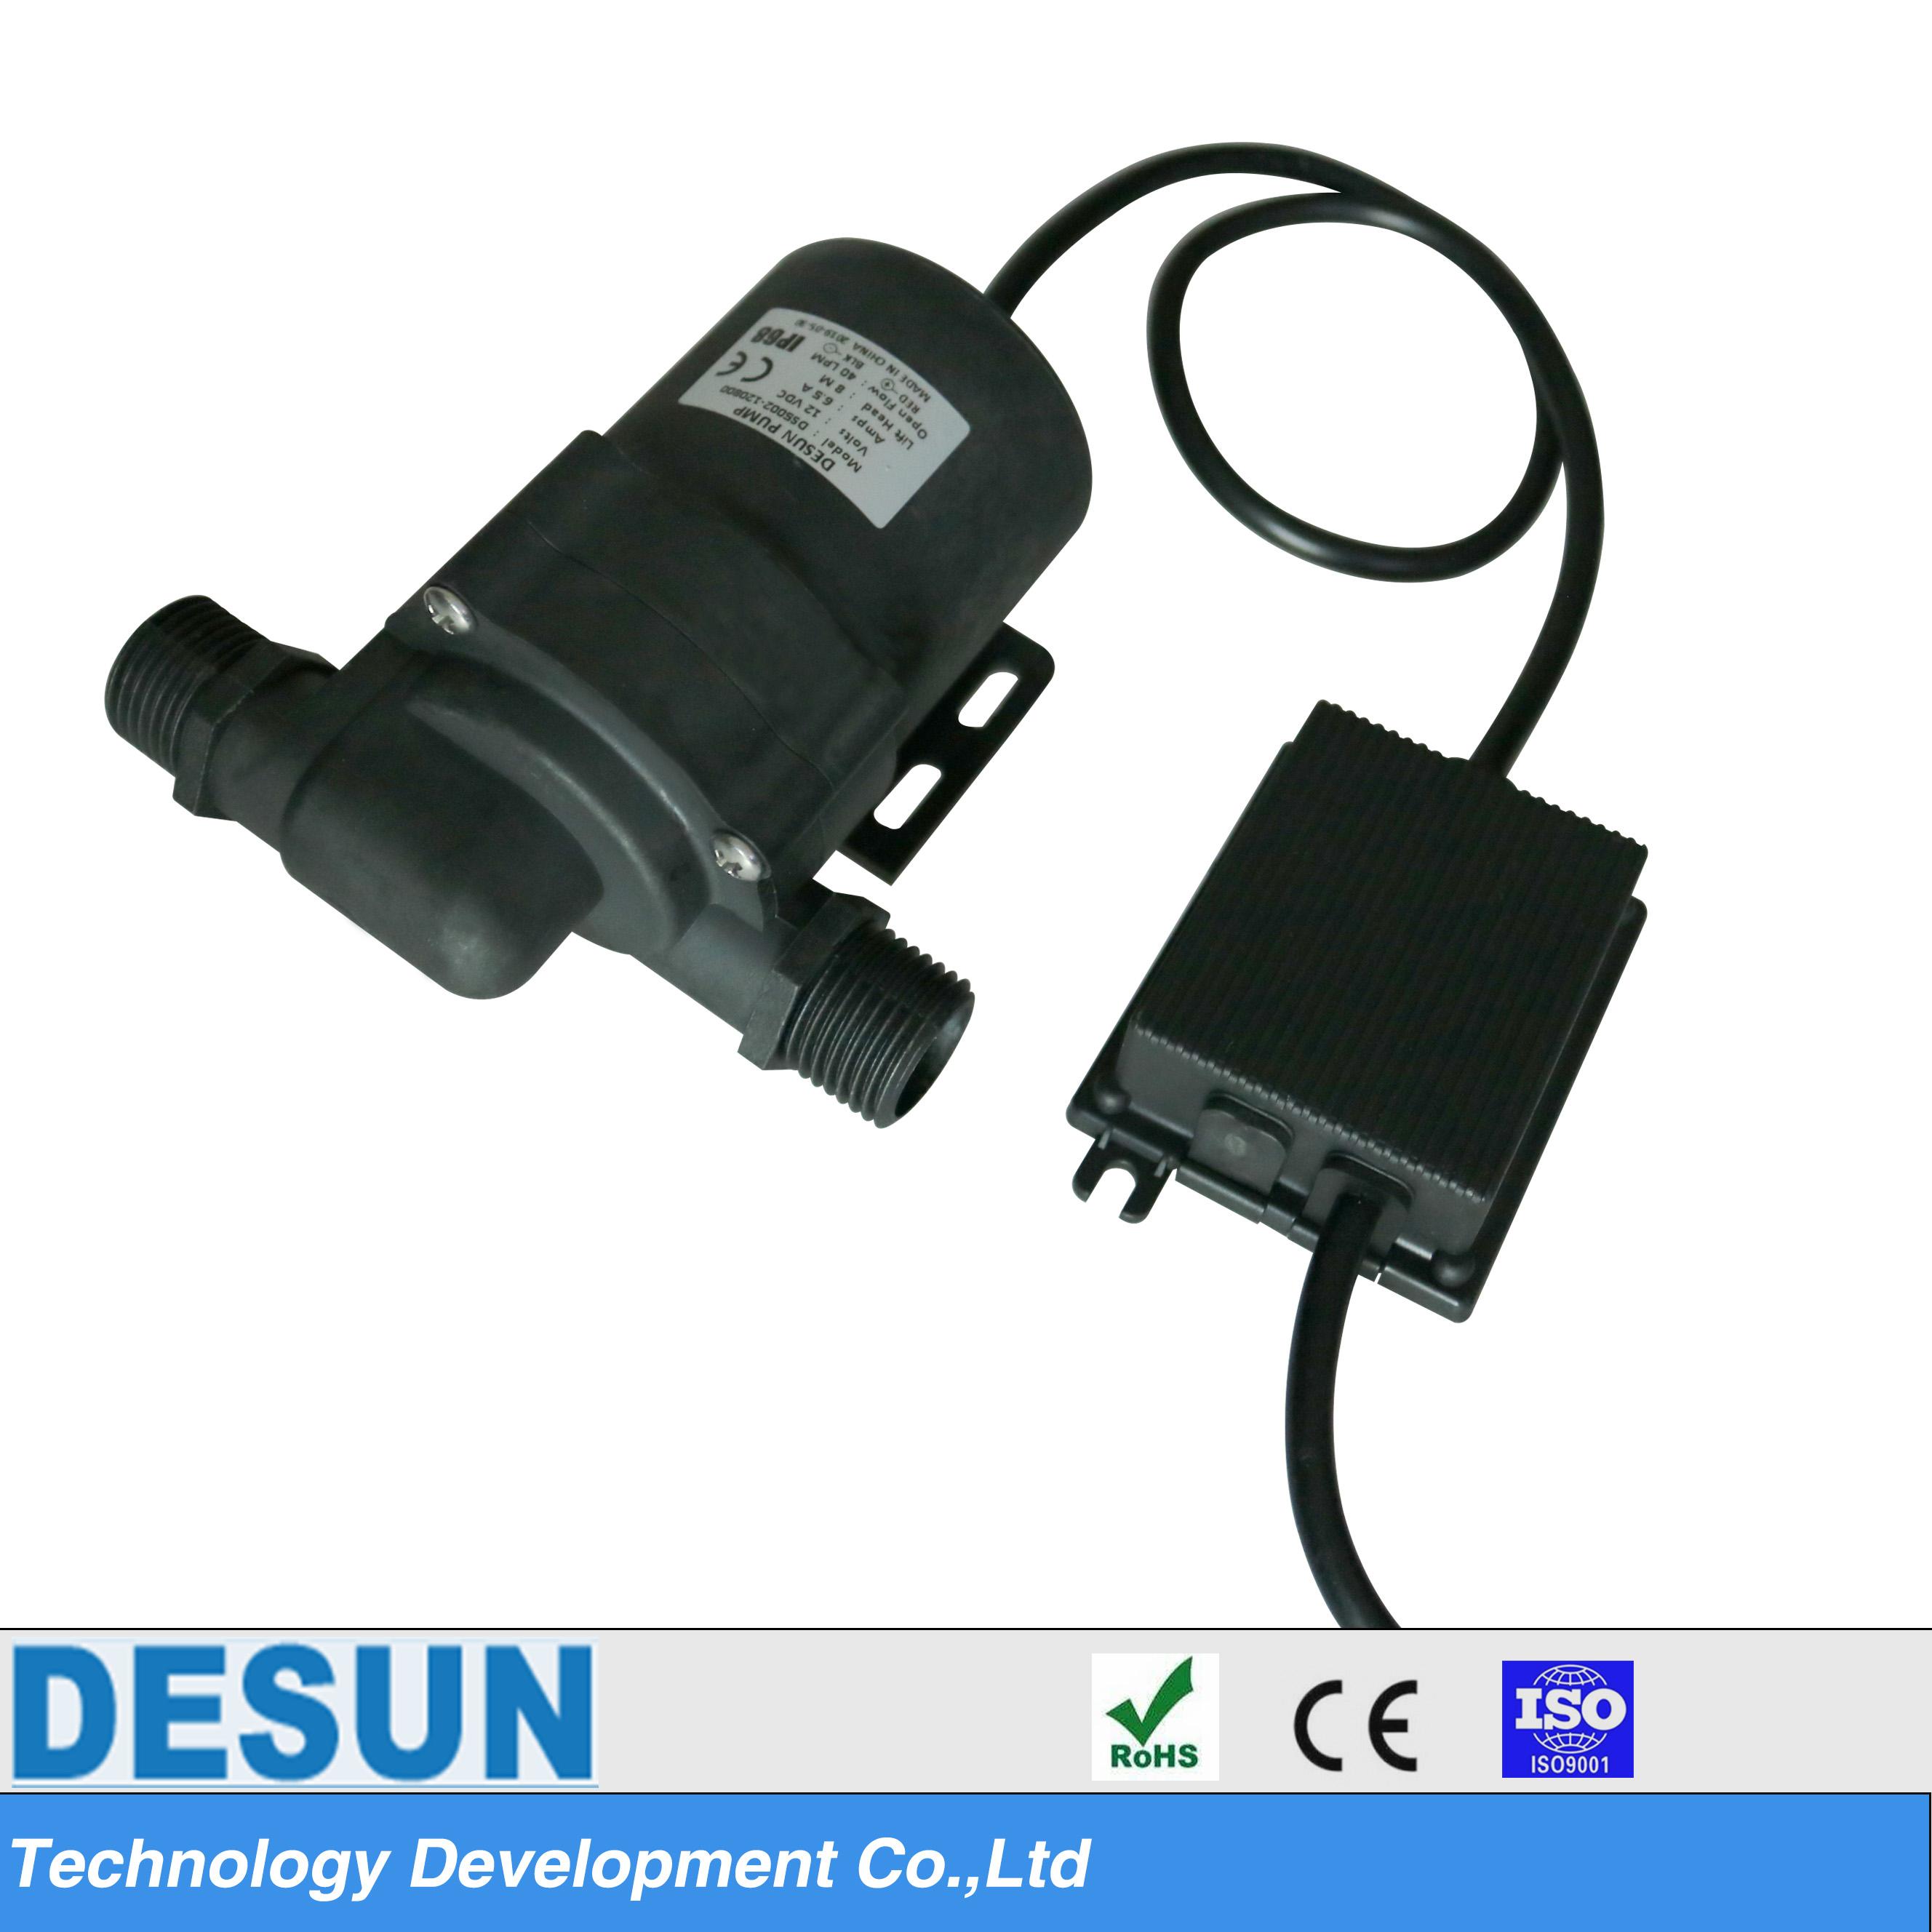 高性能汽车电子水泵DS5002